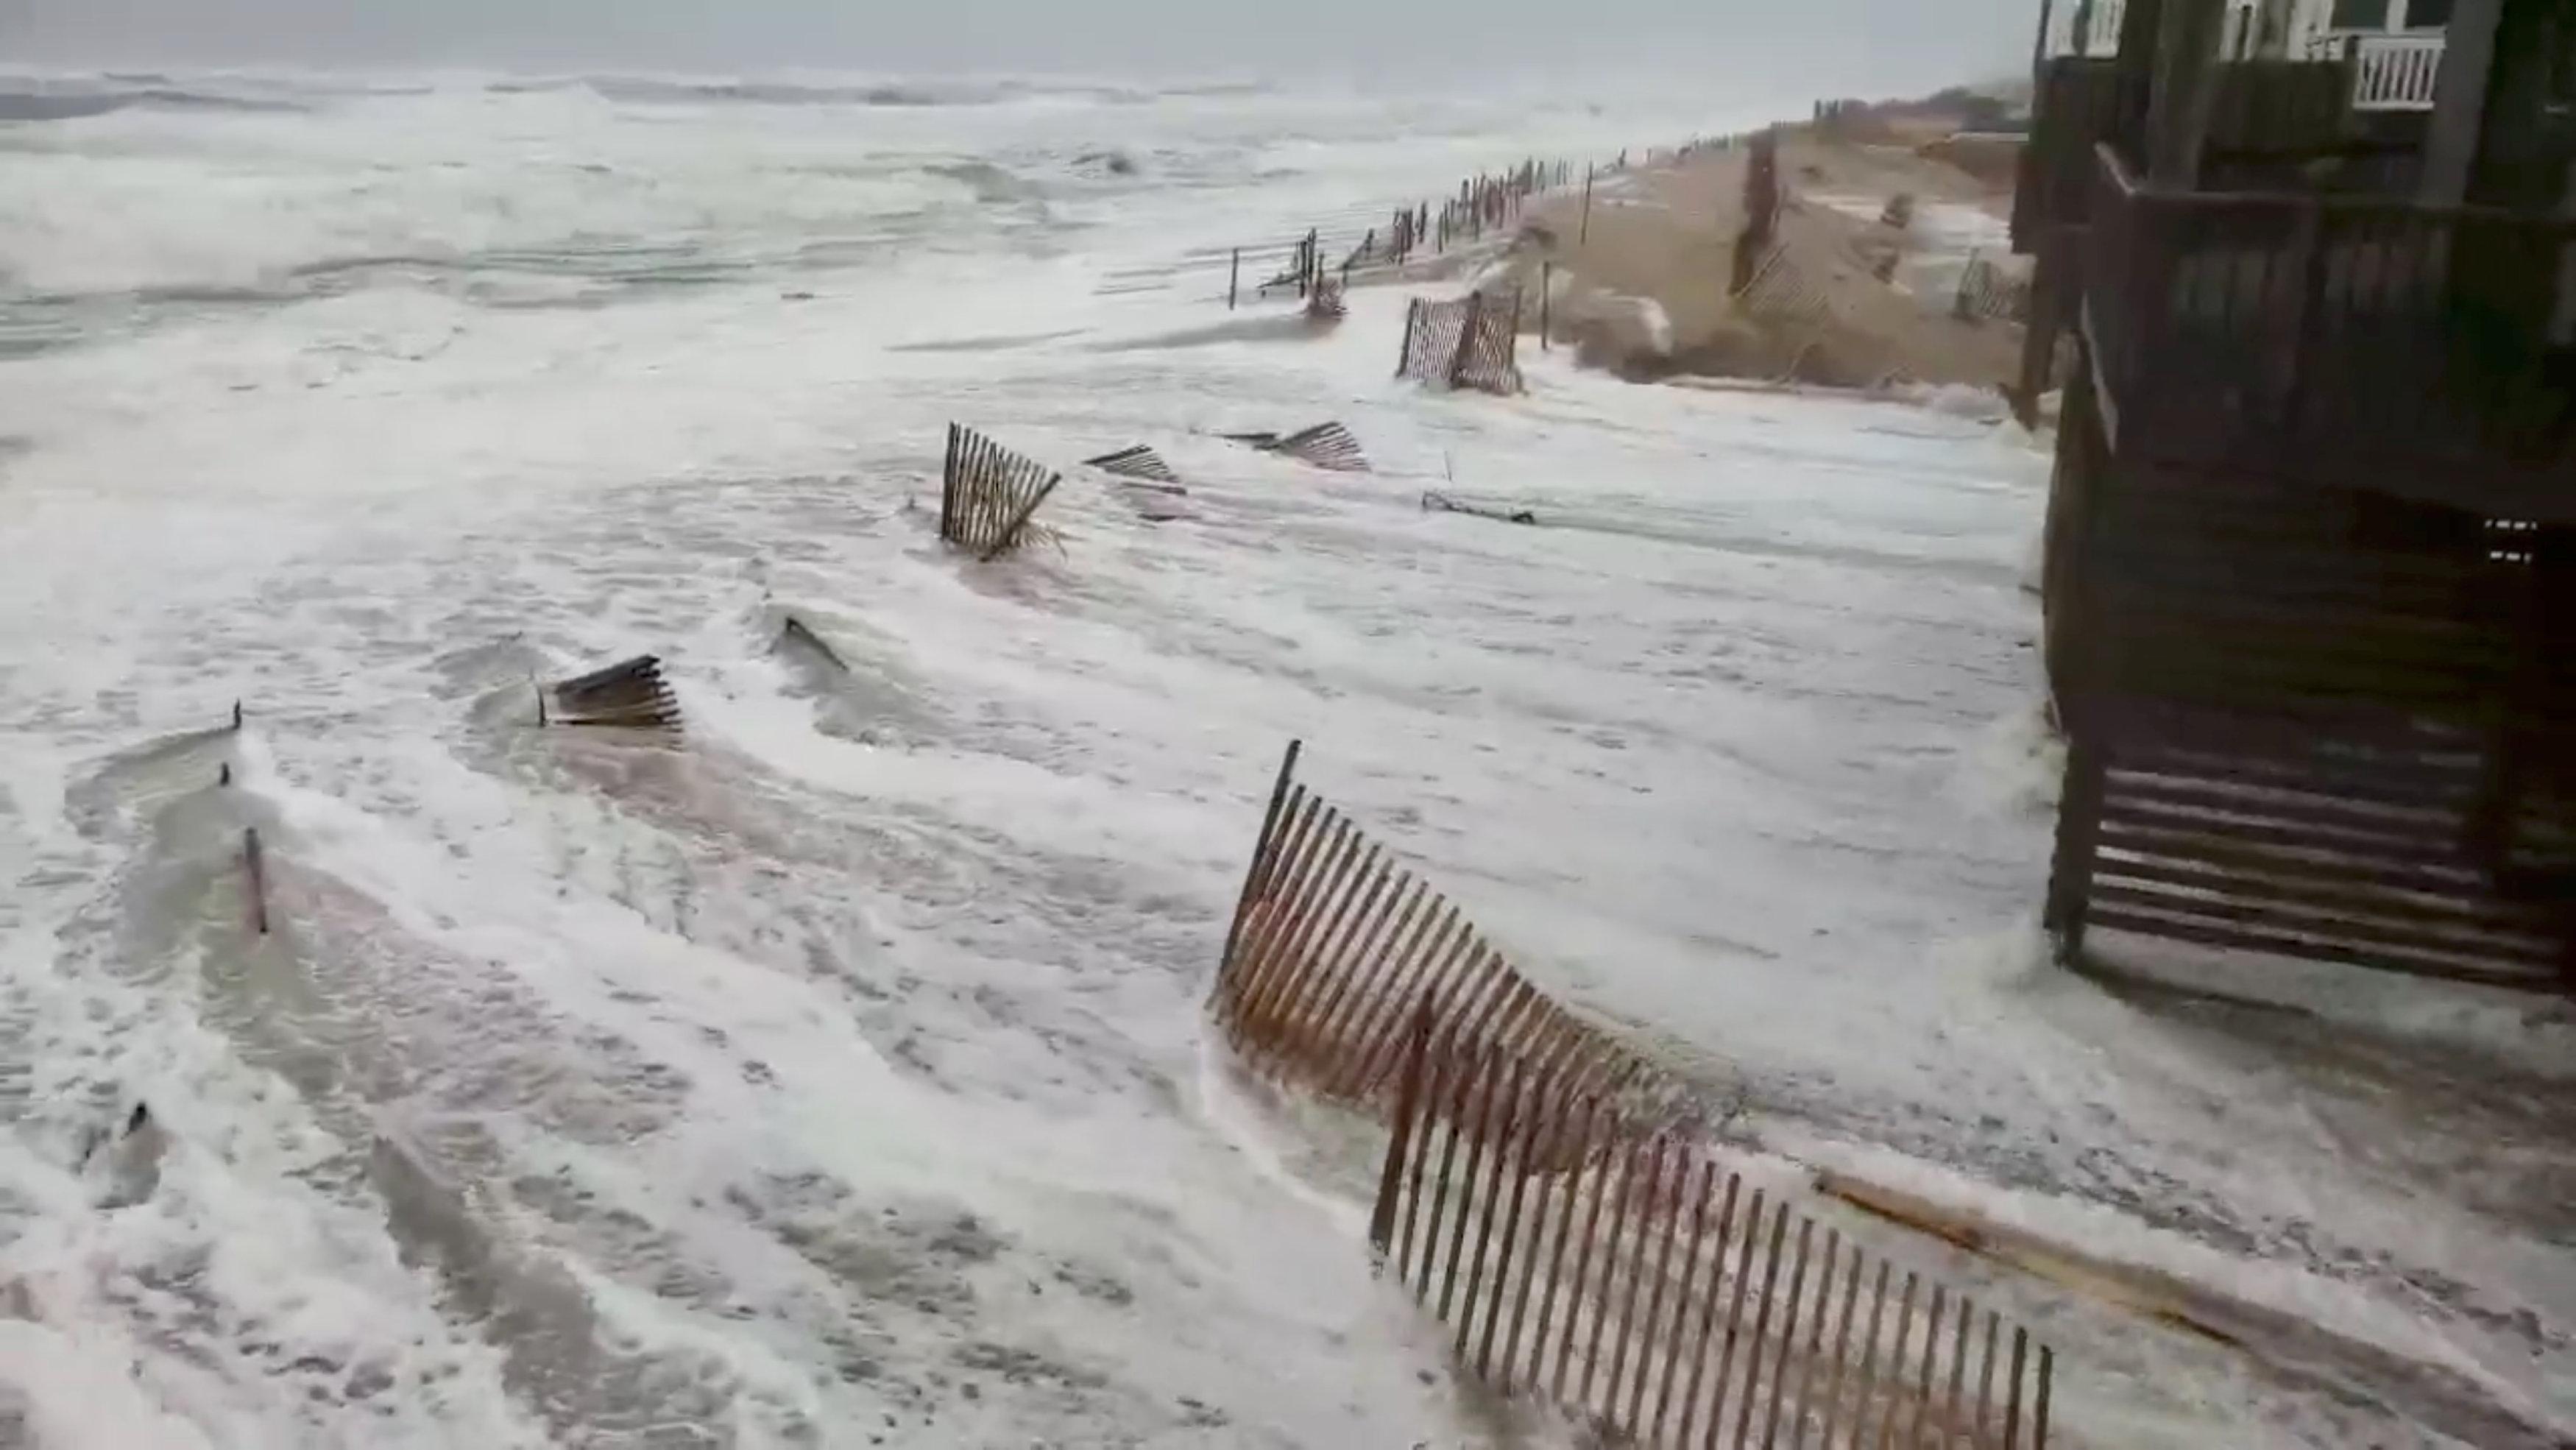 El mar comienza avanza tierra adentro enAvon, Carolina del Norte (NC via REUTERS)